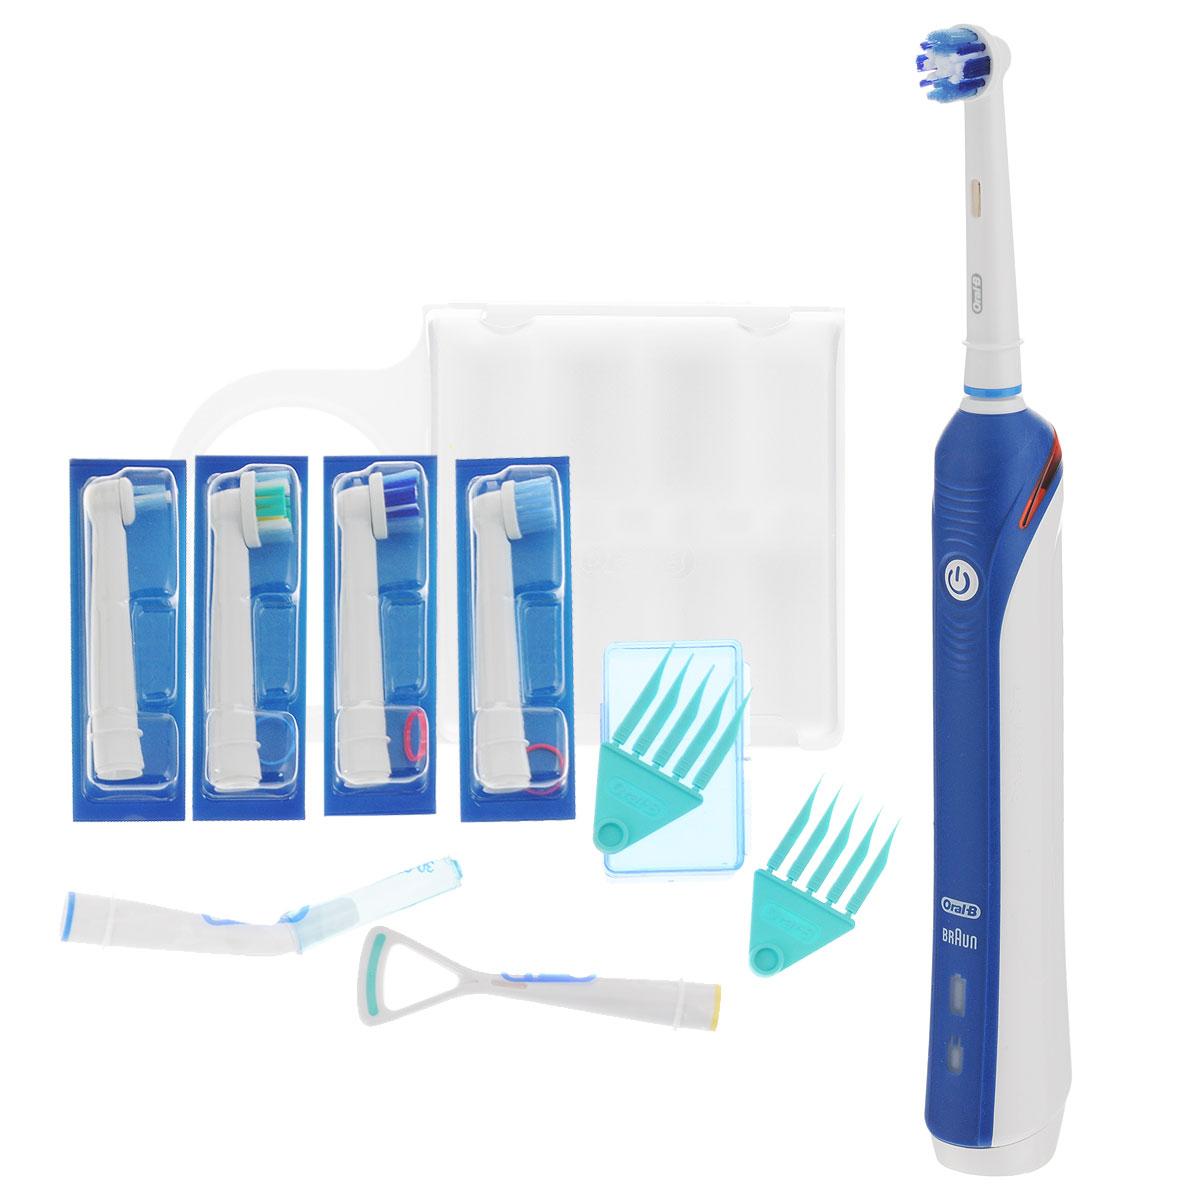 Oral-B Professional Care 3000 (D20.575.3) электрическая зубная щеткаD20.575.3Для достижения оптимальных результатов чистки, Oral-B Professional Care 3000 удаляет до 100% налета, больше, чем другие зубные щетки. Во время чистки щетка совершает 40000 пульсаций и 8800 возвратно-вращательных движений в минуту. Щетинки колеблются и тщательно окружают зубы, разрушая налет и удаляя его. 3 простых в использовании режима чистки: Ежедневная чистка: для исключительный чистки зубов и десен Бережная чистка: мягкое, но тщательное очищение зубов и чувствительных зон Полировка: полирует и возвращает натуральную белизну зубам Инновационная красная полоска света, встроенная в рукоятку щетки начинает мигать, подавая Вам видимый сигнал. Чтобы получить лучшие результаты: профессиональный таймер гарантирует, что вы осуществляете чистку нужное время (стоматологи рекомендуют 2 минуты). Короткий прерывающийся звук с 30-секундным интервалом, который вы можете услышать и почувствовать, напоминает Вам, о том что нужно...